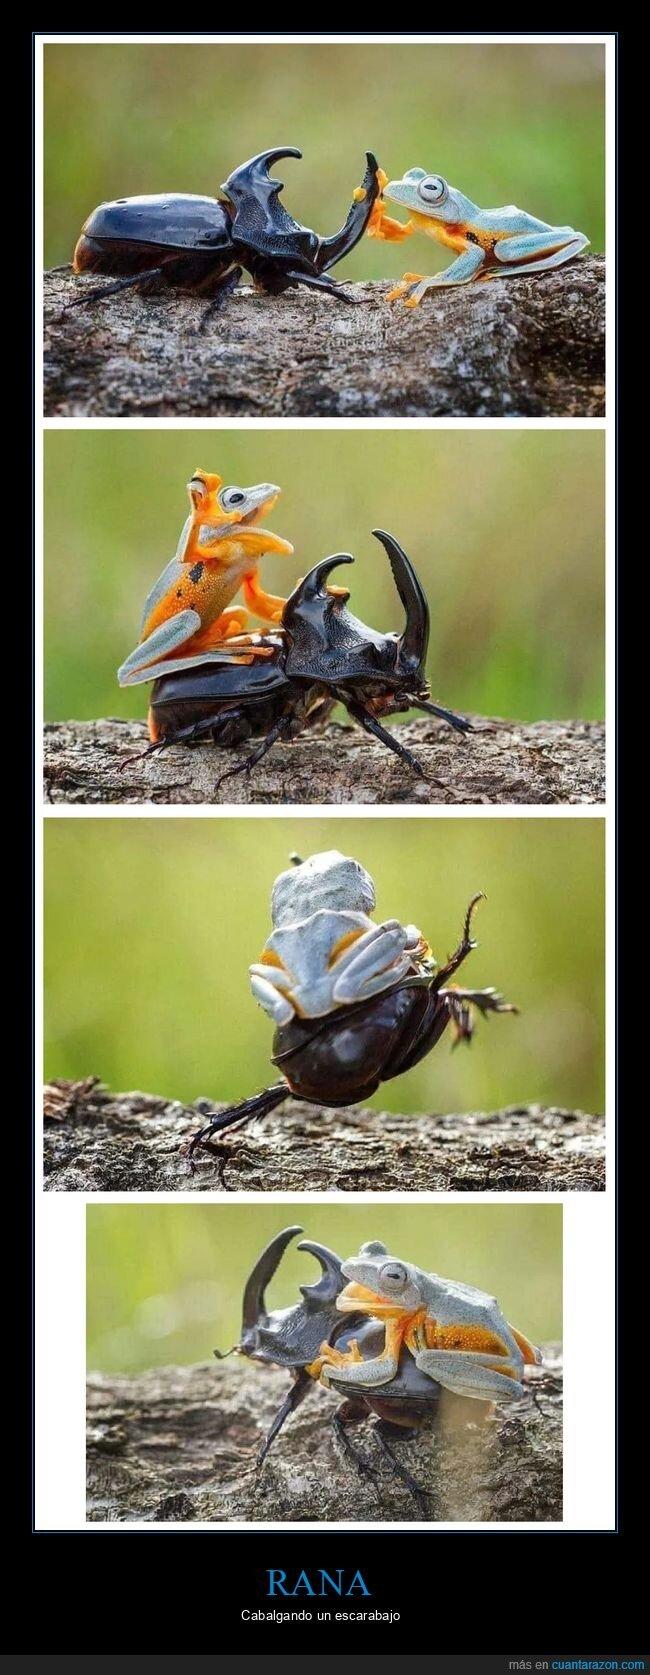 cabalgar,escarabajo,rana